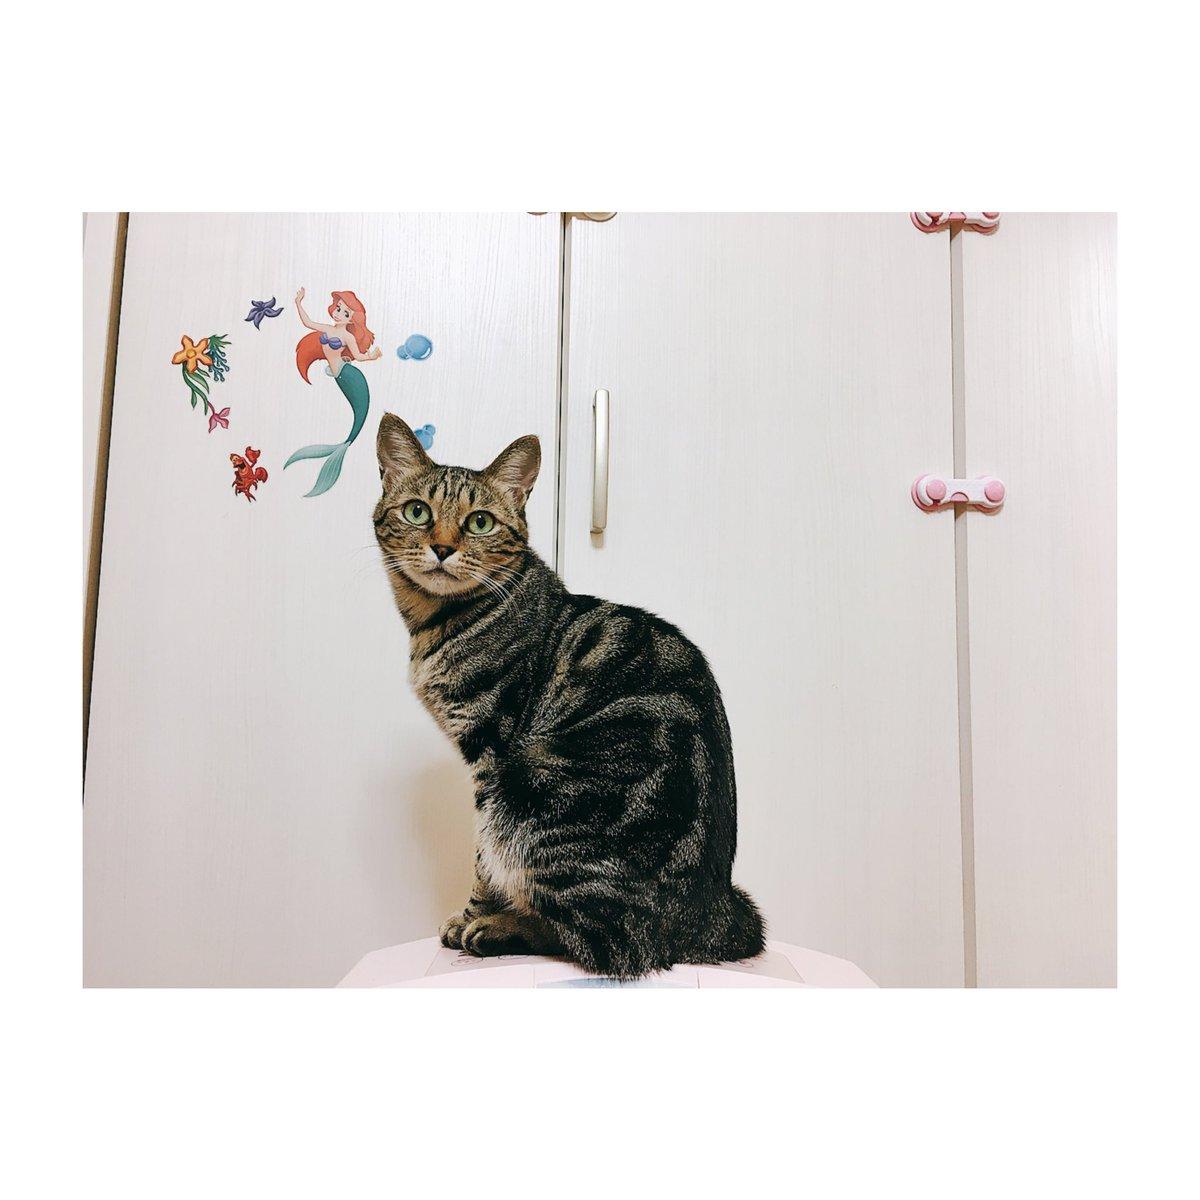 見よ。人よ。この美を。(☝ ⊙ਊ ⊙)☝#猫